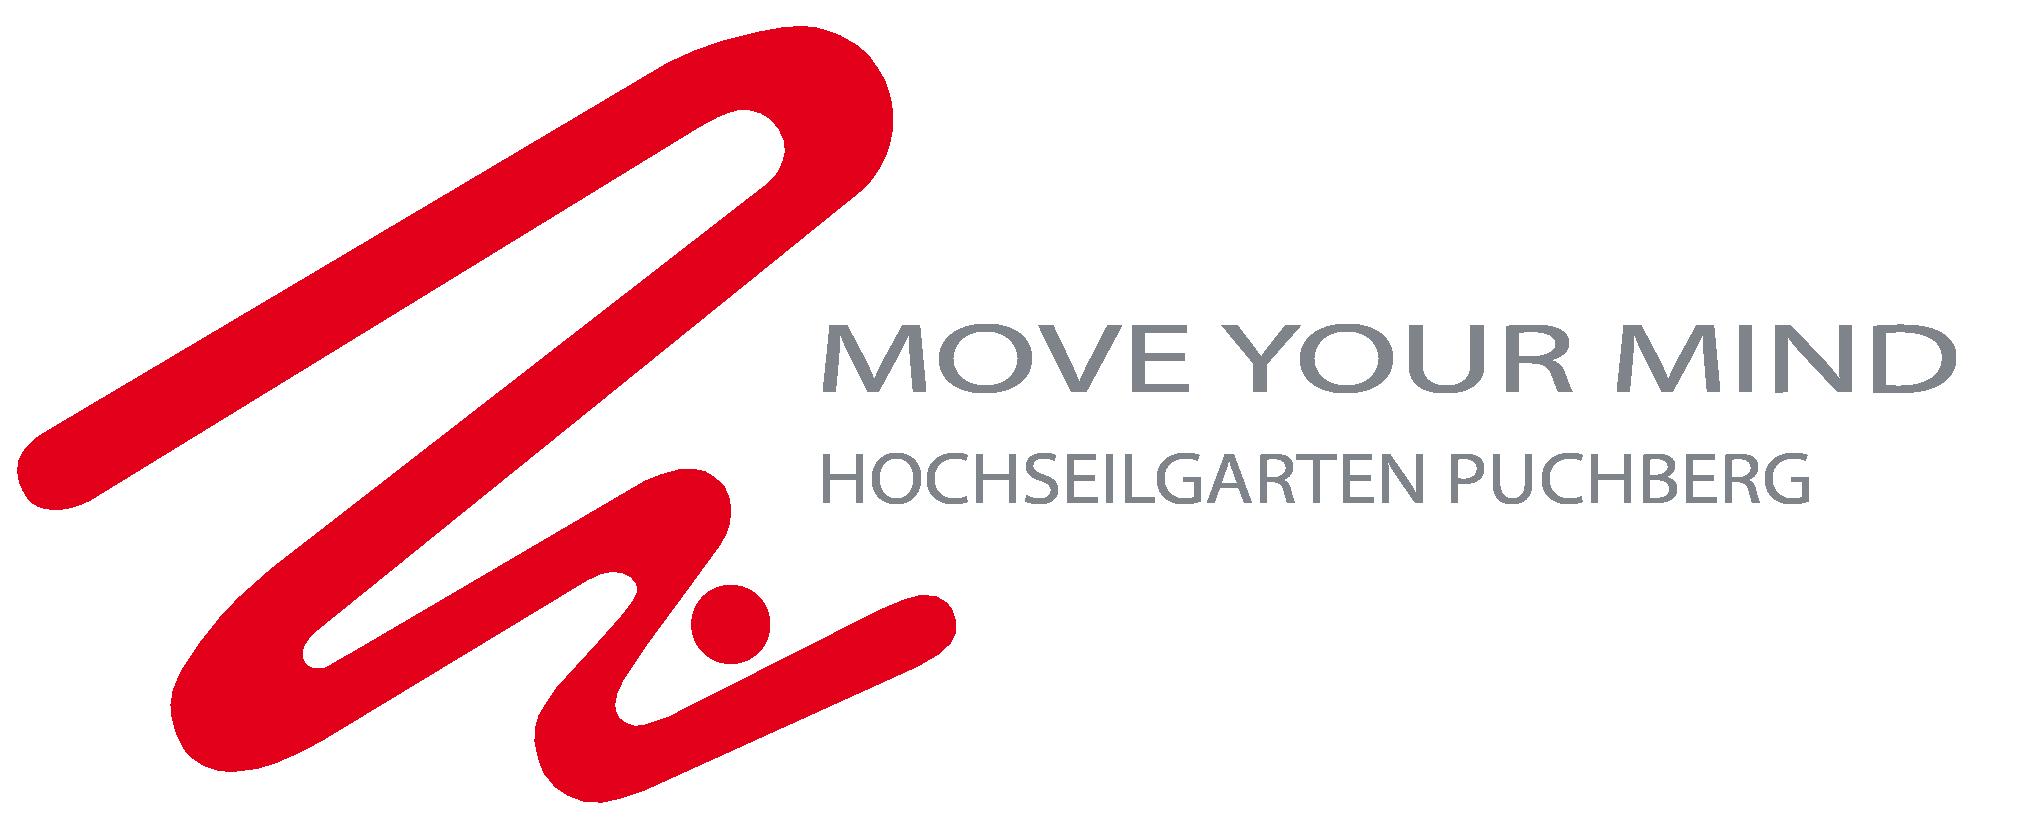 Move Your Mind - Hochseilgarten Niederösterreich